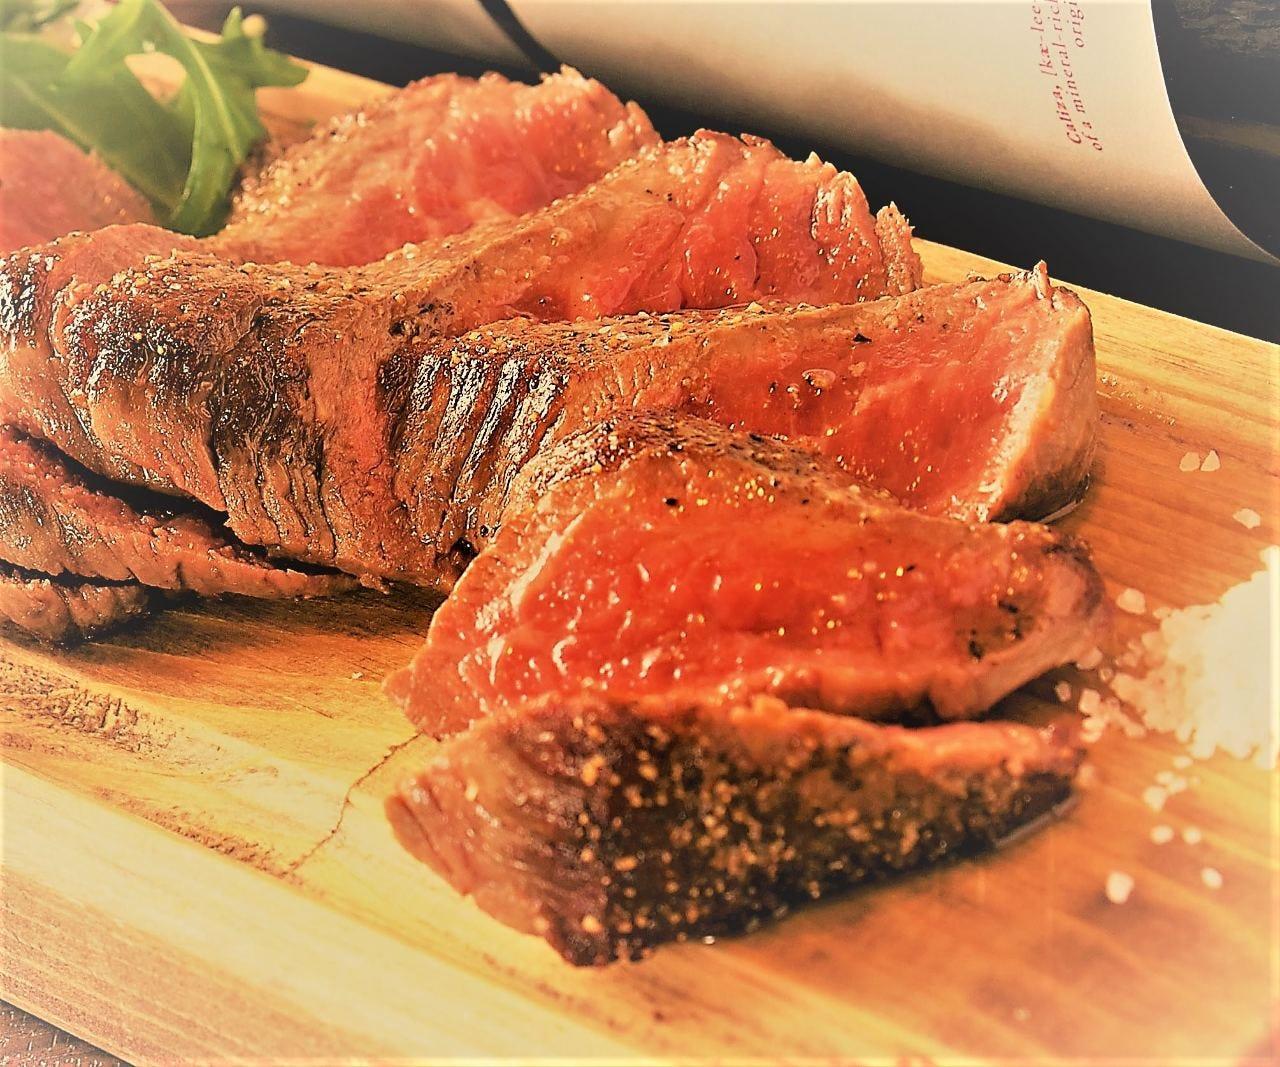 上州牛熟成肉のステーキ!肉バルイチオシメニューです!